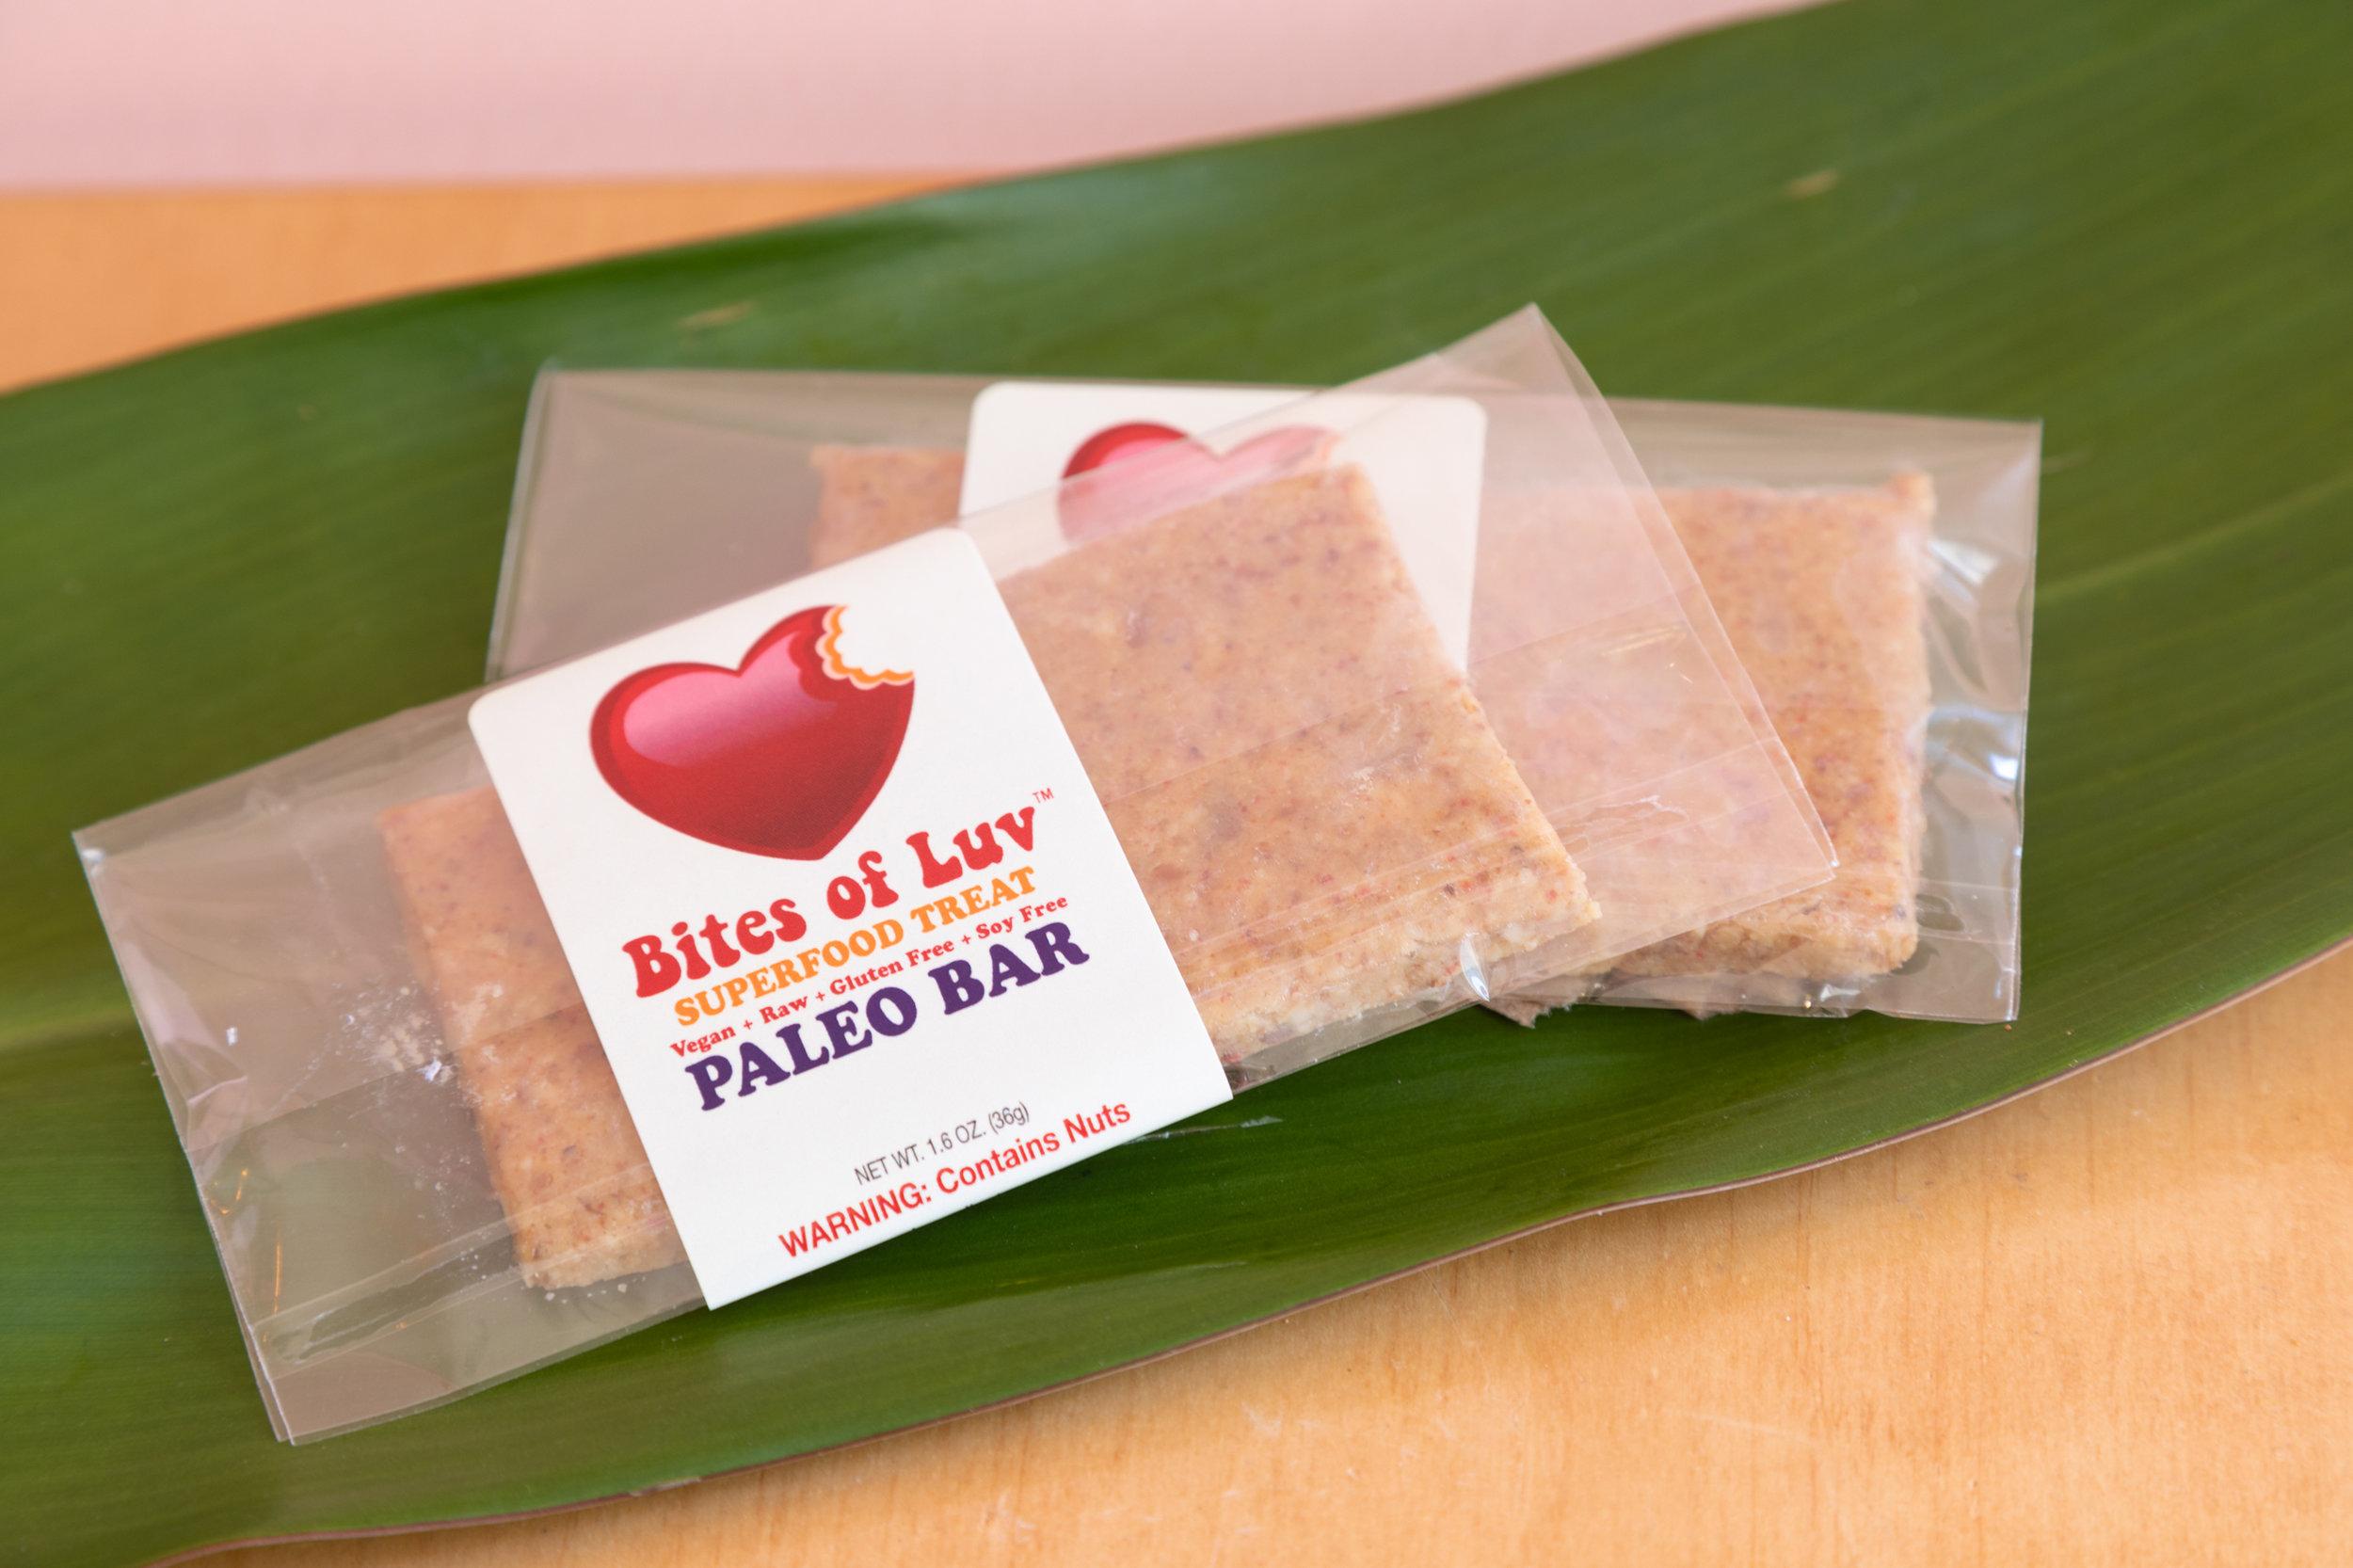 Vegan Paleo Bar